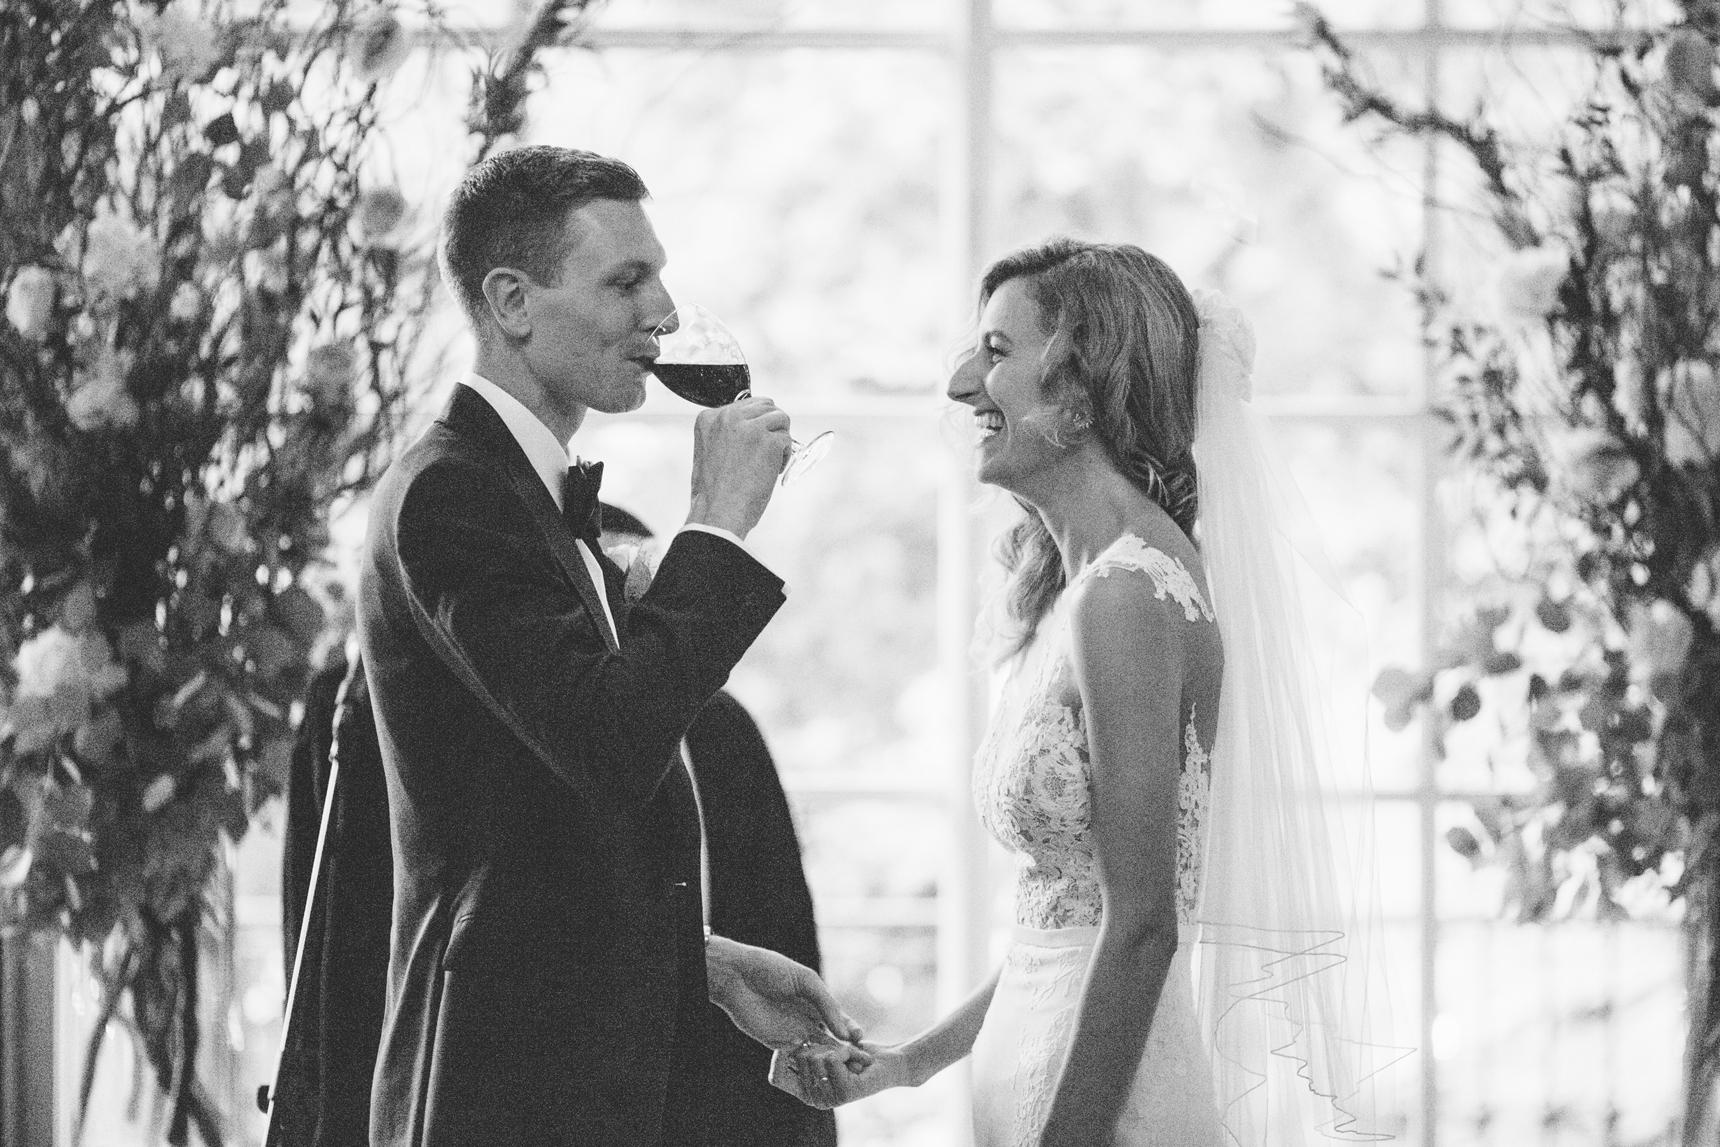 Jory_LoebBoathouse_CentralPark_NewYork_WeddingPhotographer100.jpg